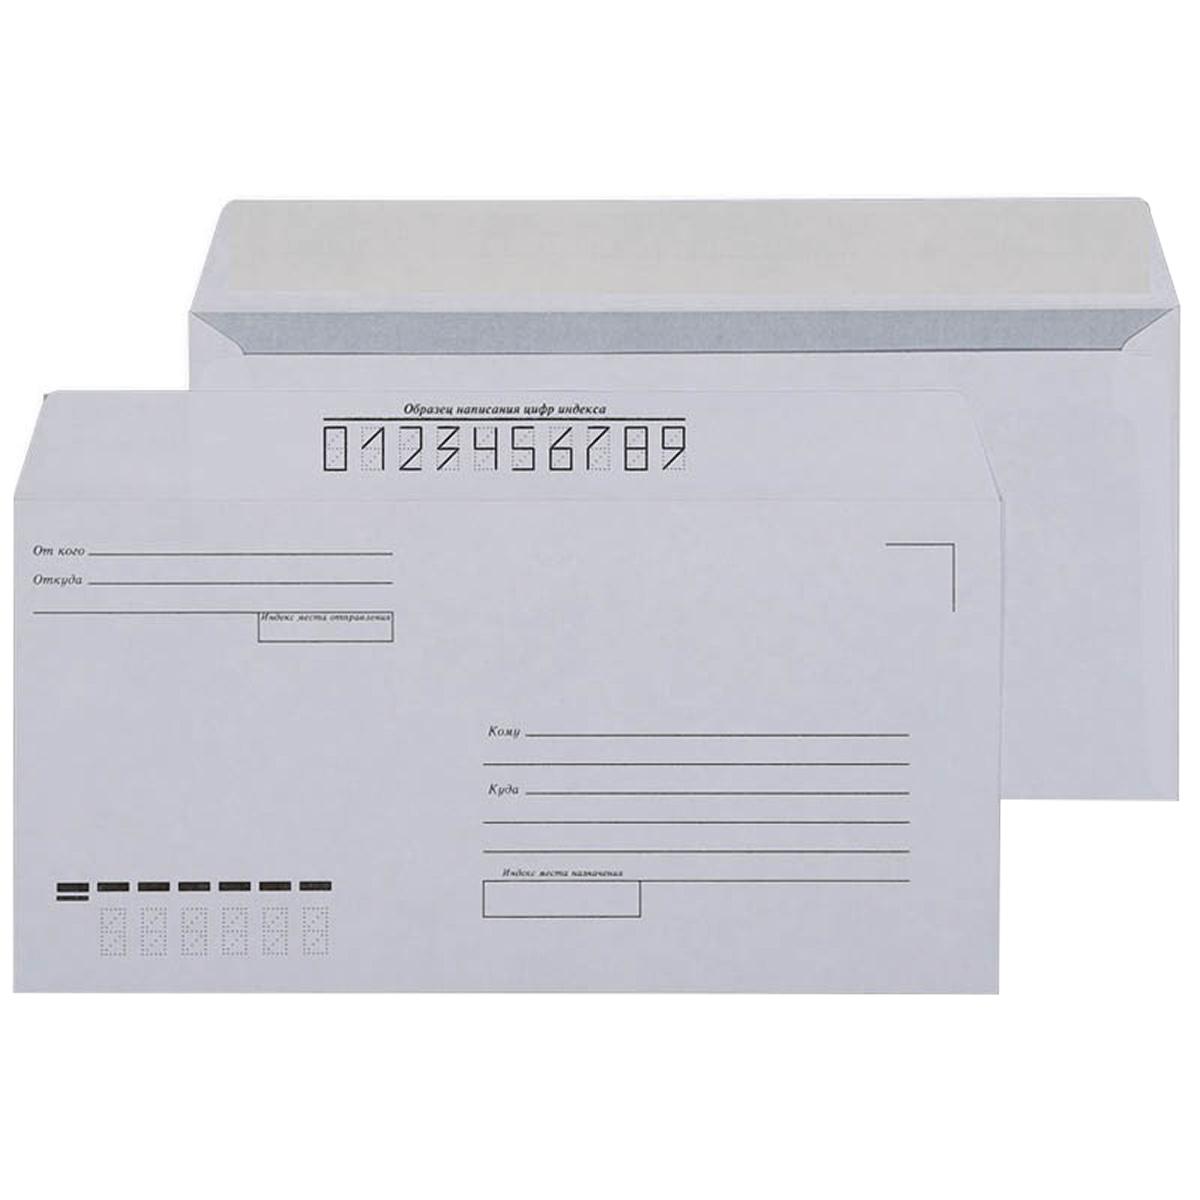 Курт и К Конверт E65 с подсказом 200 шт1108103Конверт Курт и К E65 выполнен в евроформате размером 110 х 220 мм без окна, с подсказом и с внутренней запечаткой. Клапан конверта крепится с помощью отрывной ленты. Предназначен для почтовых отправлений.